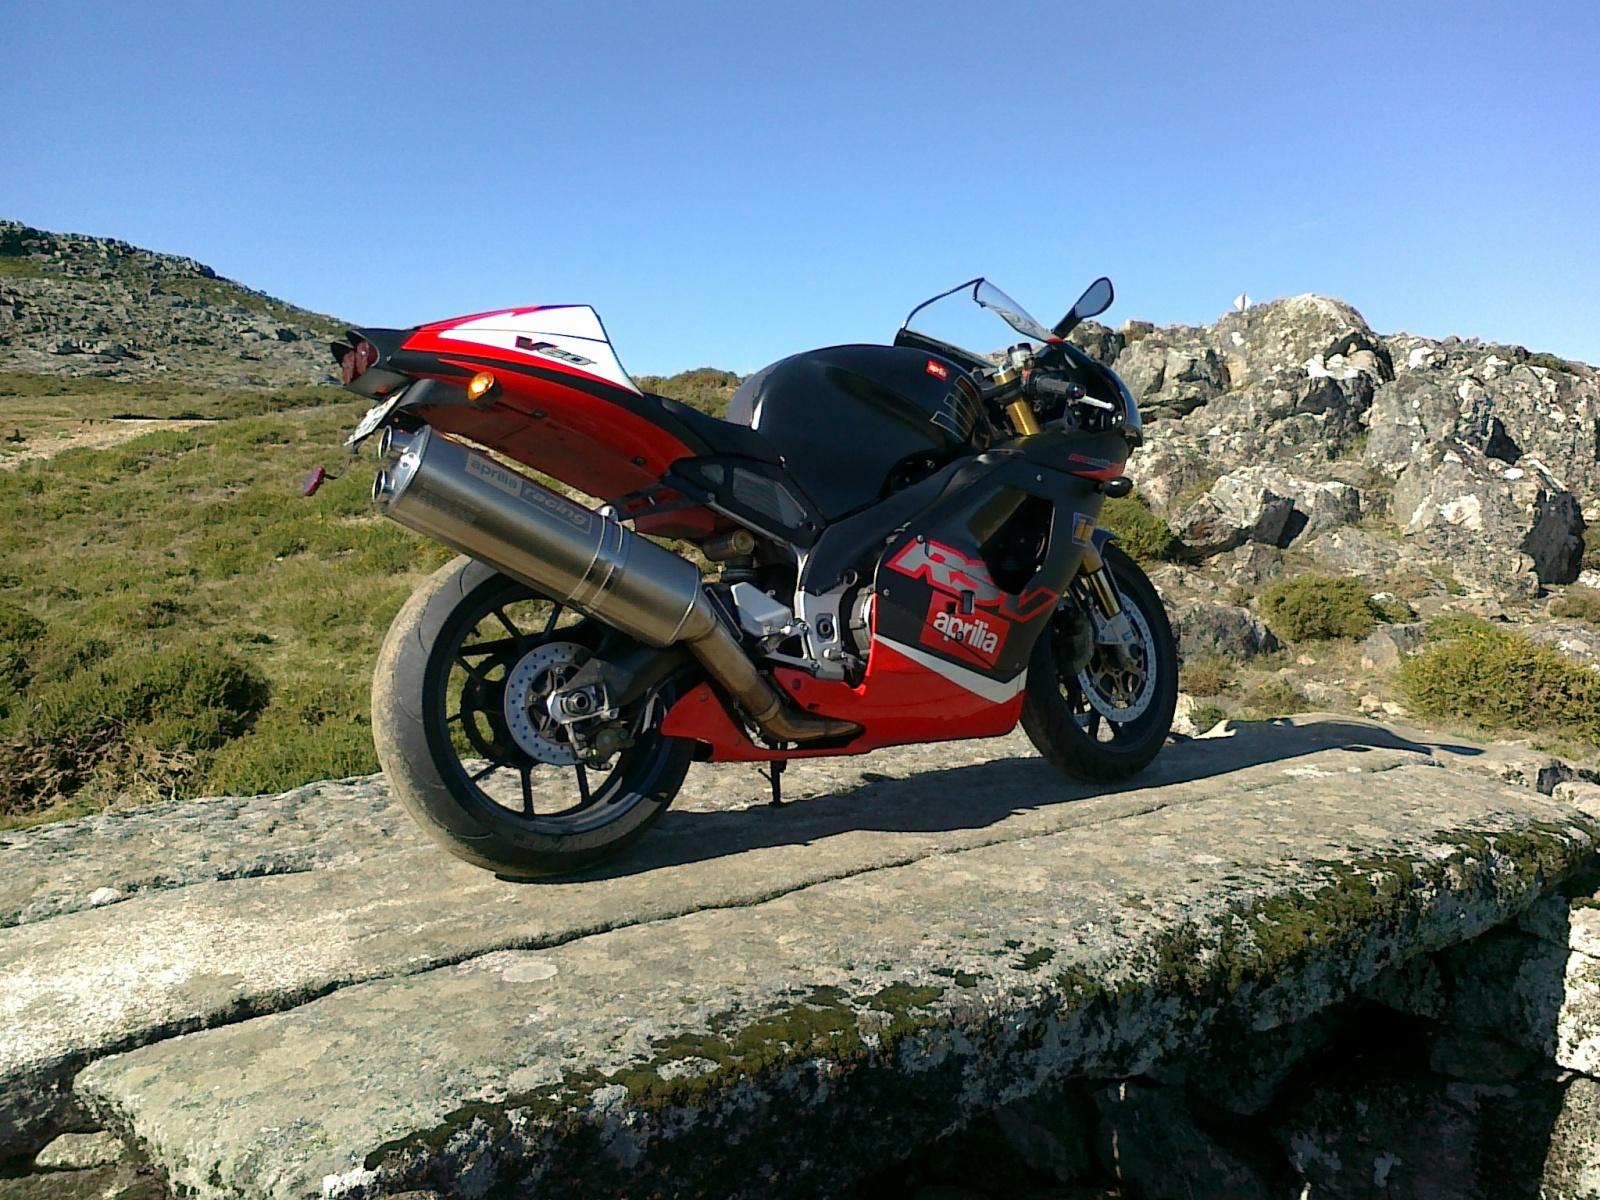 1000 - Motas que marcaram o motociclismo! - Página 2 Mb2xj6